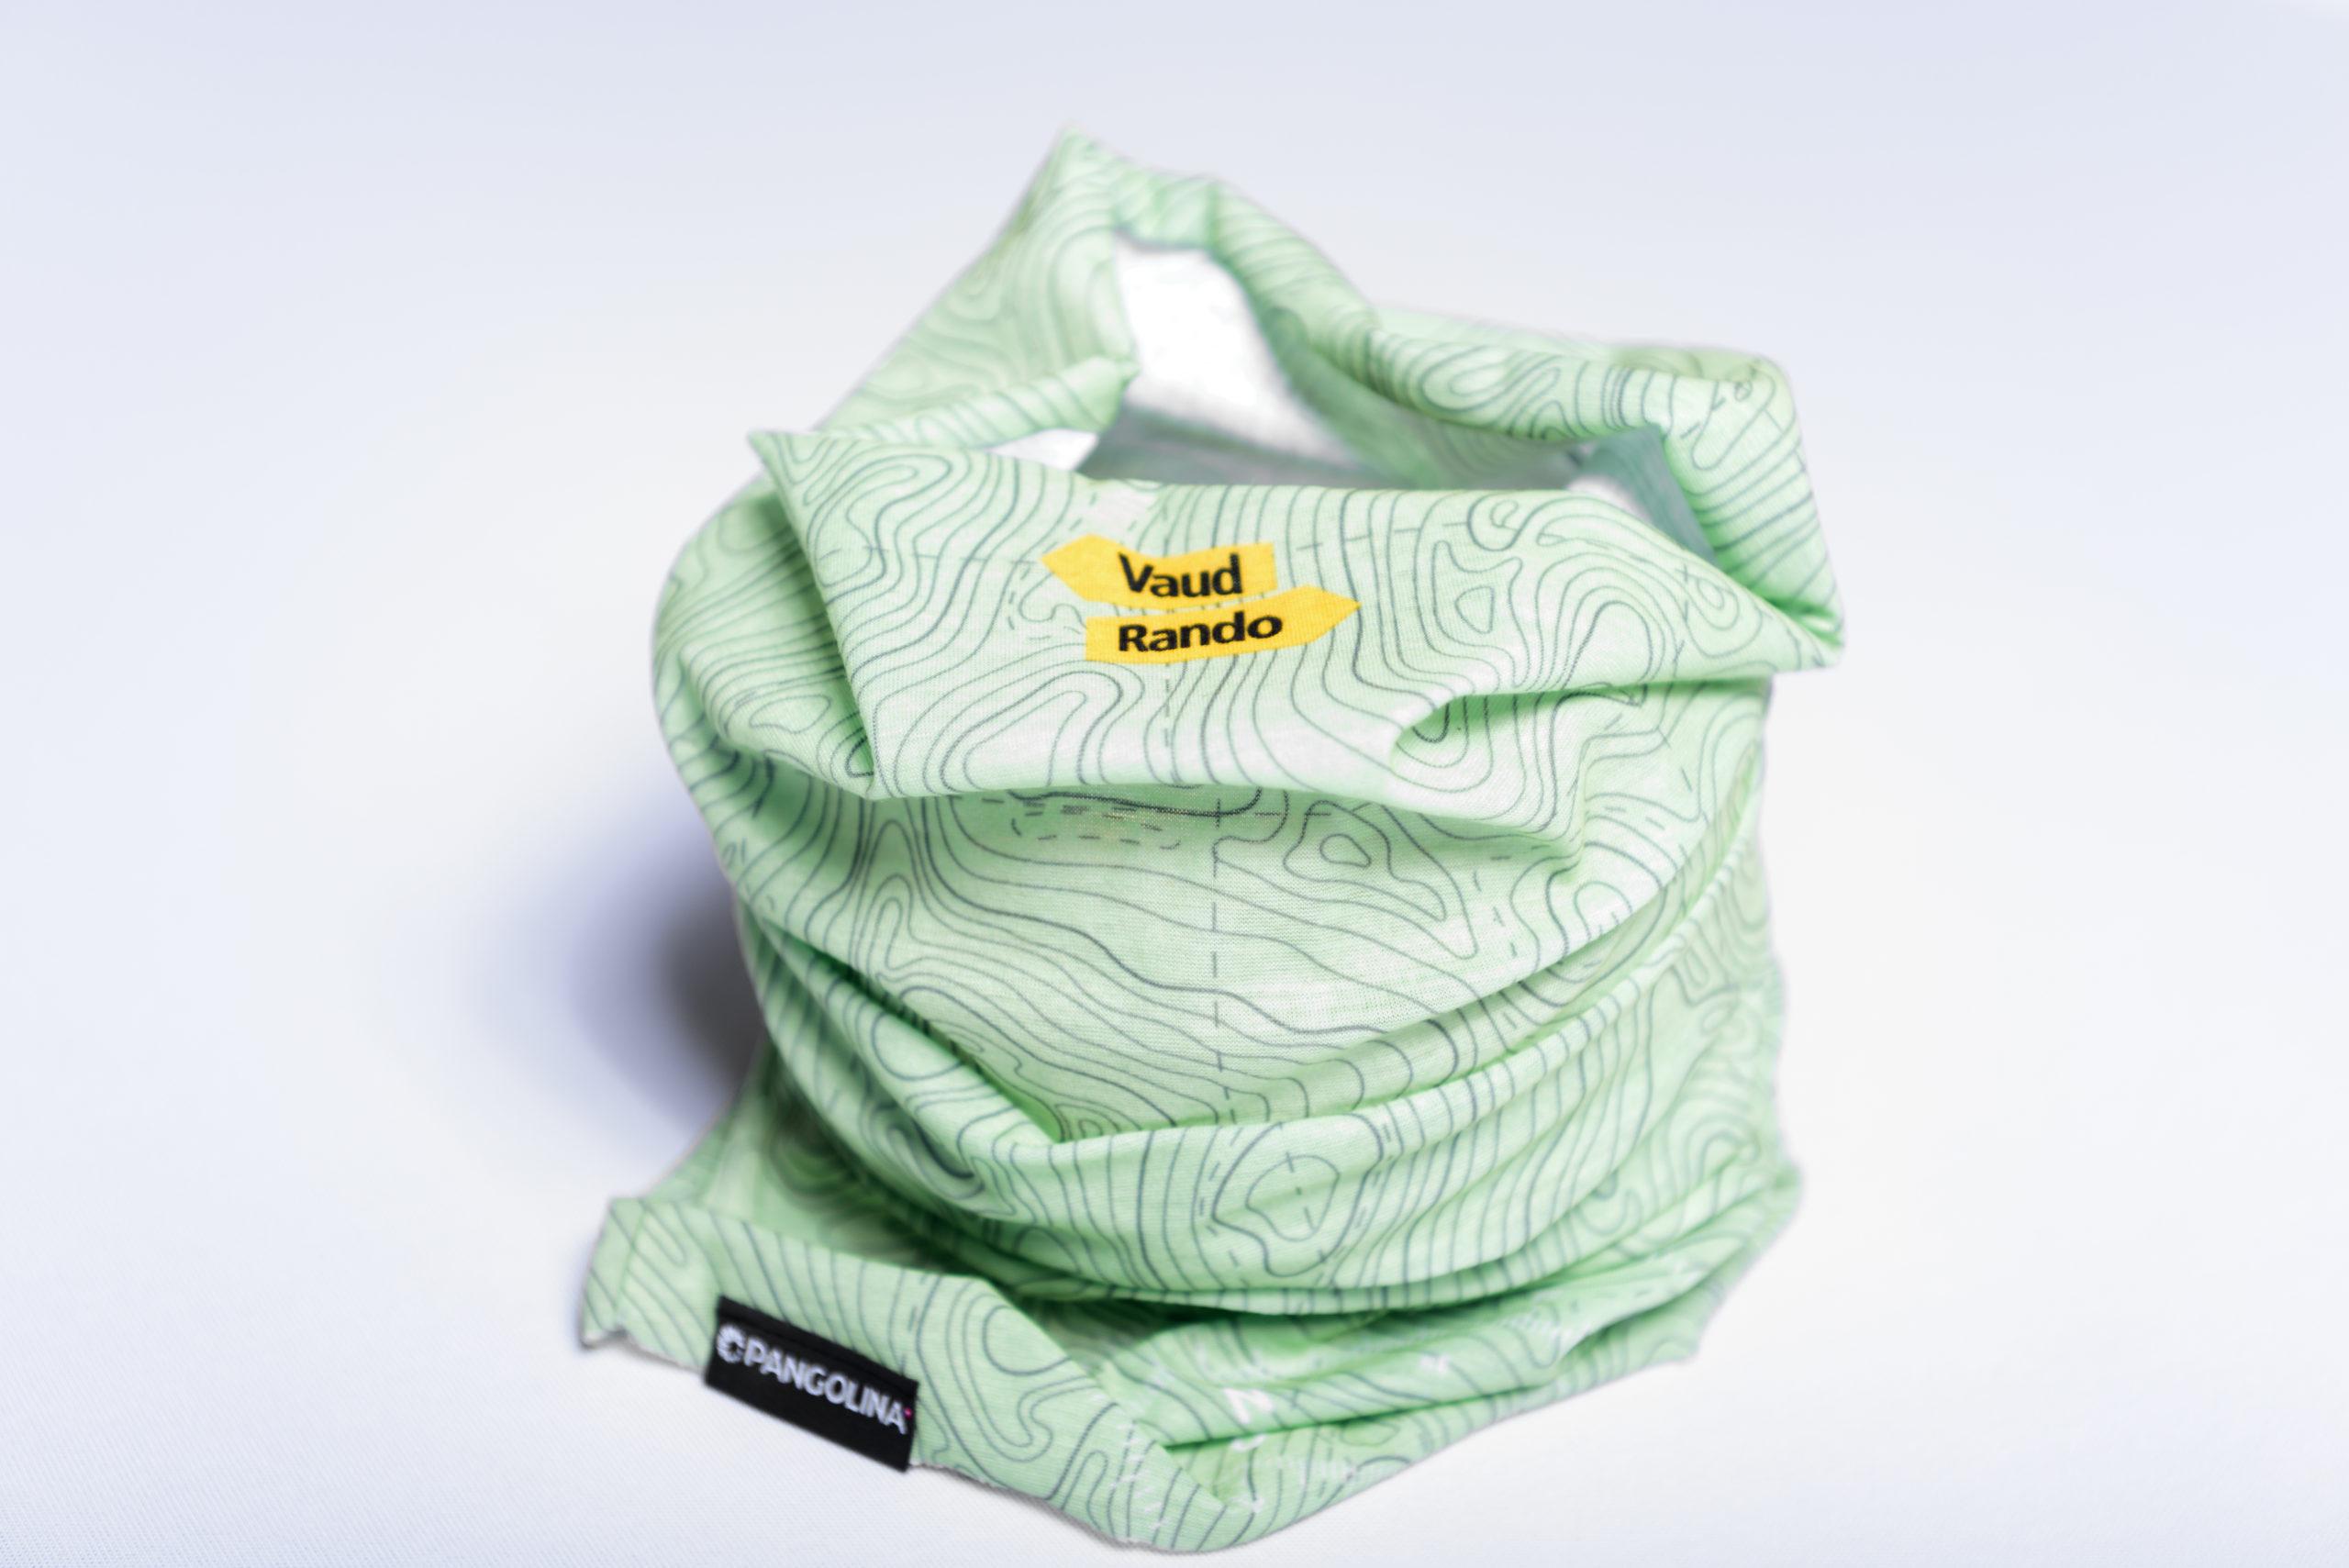 Vaud Rando